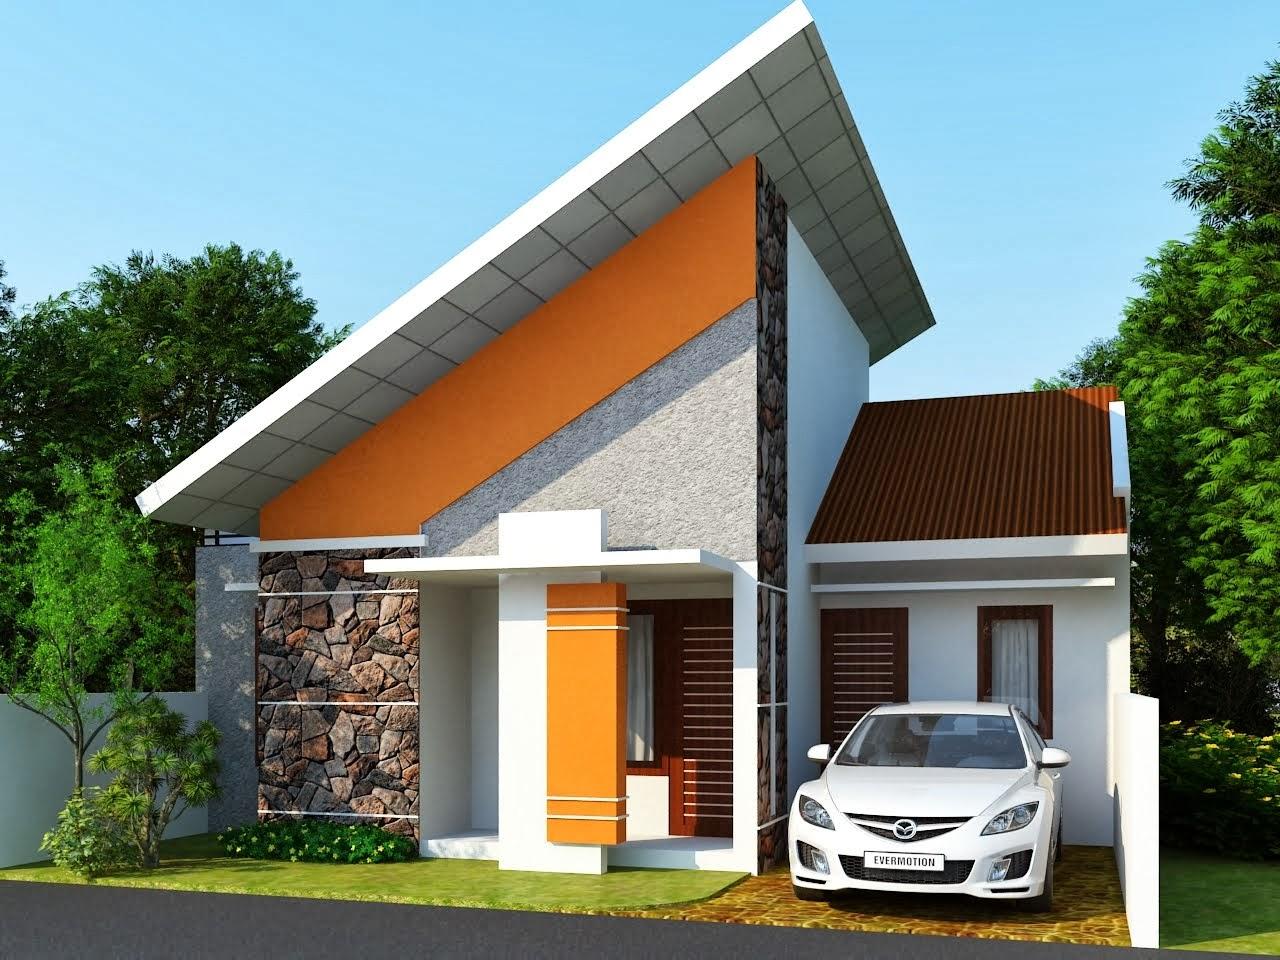 Contoh Model Atap Rumah Minimalis Modern Kumpulan Gambar ...